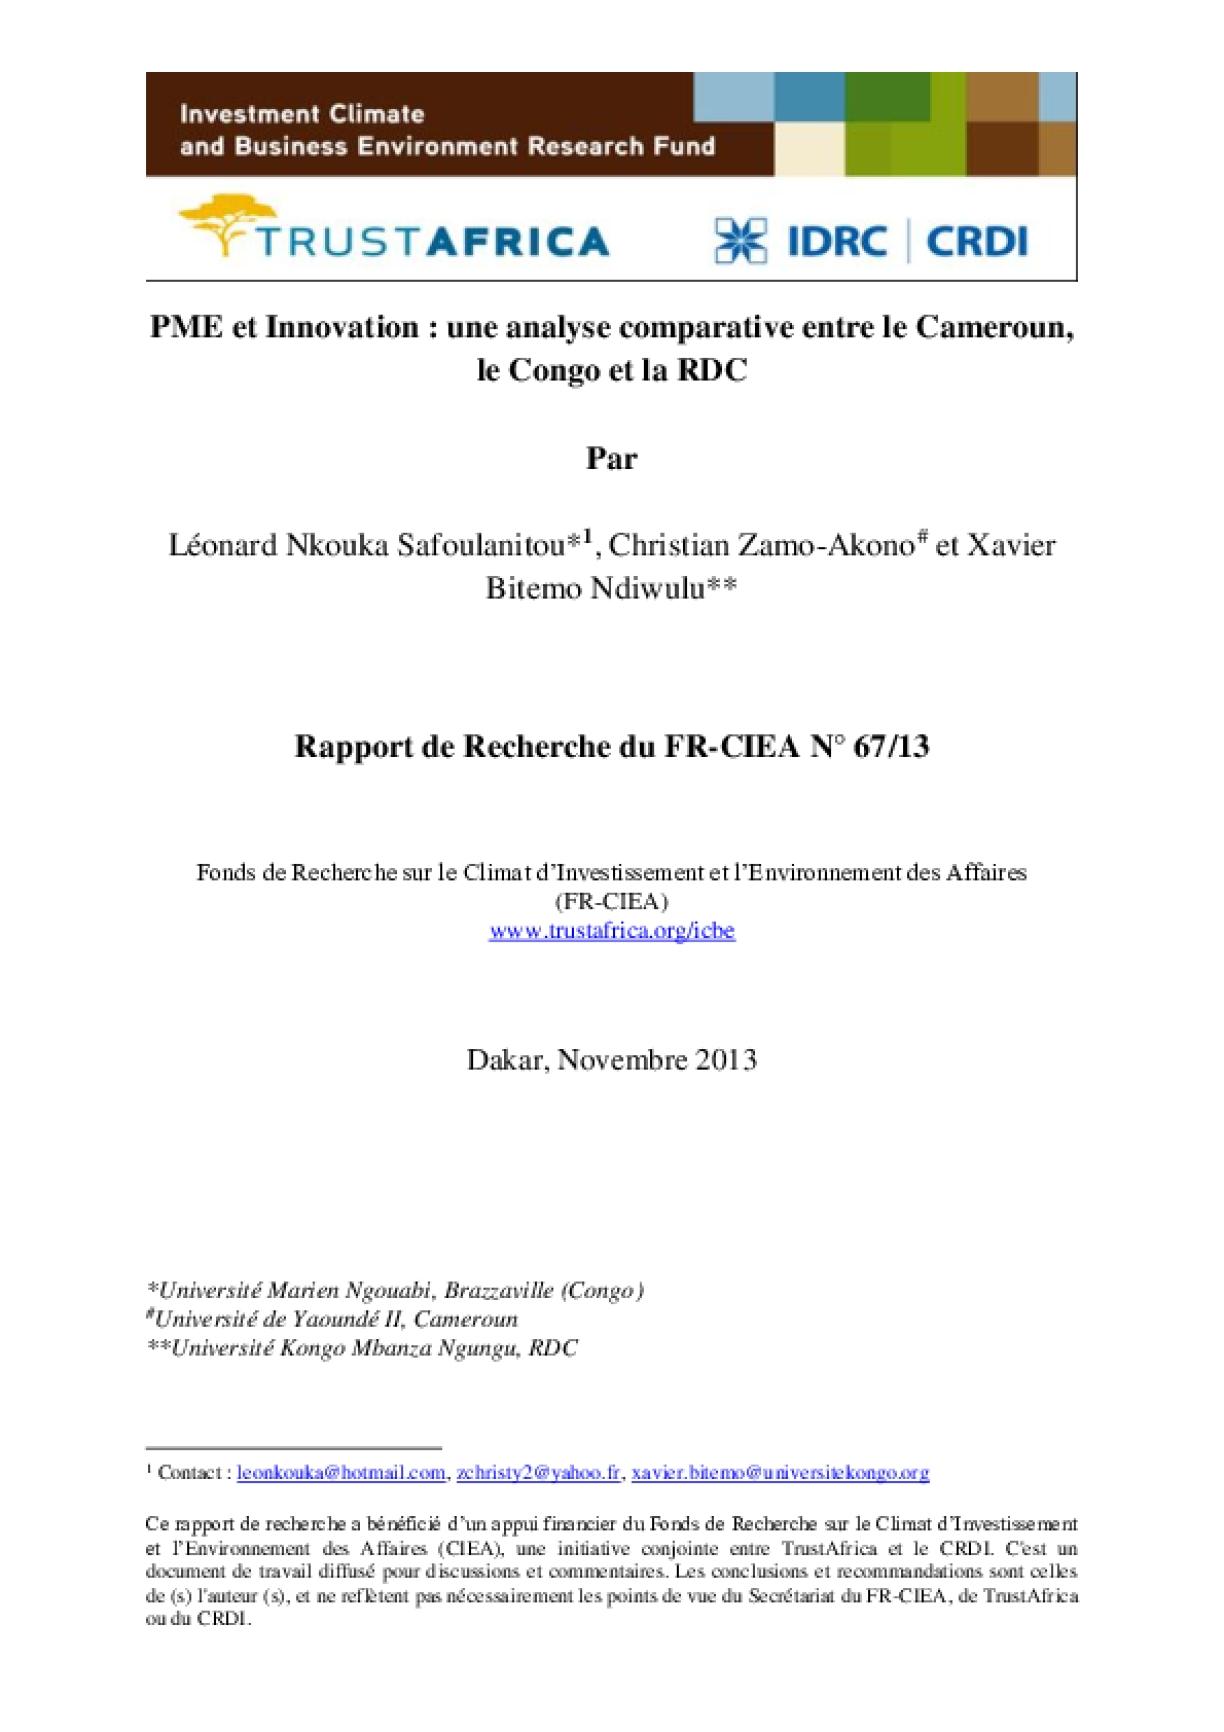 PME Et Innovation : Une Analyse Comparative Entre Le Cameroun, Le Congo Et La RDC